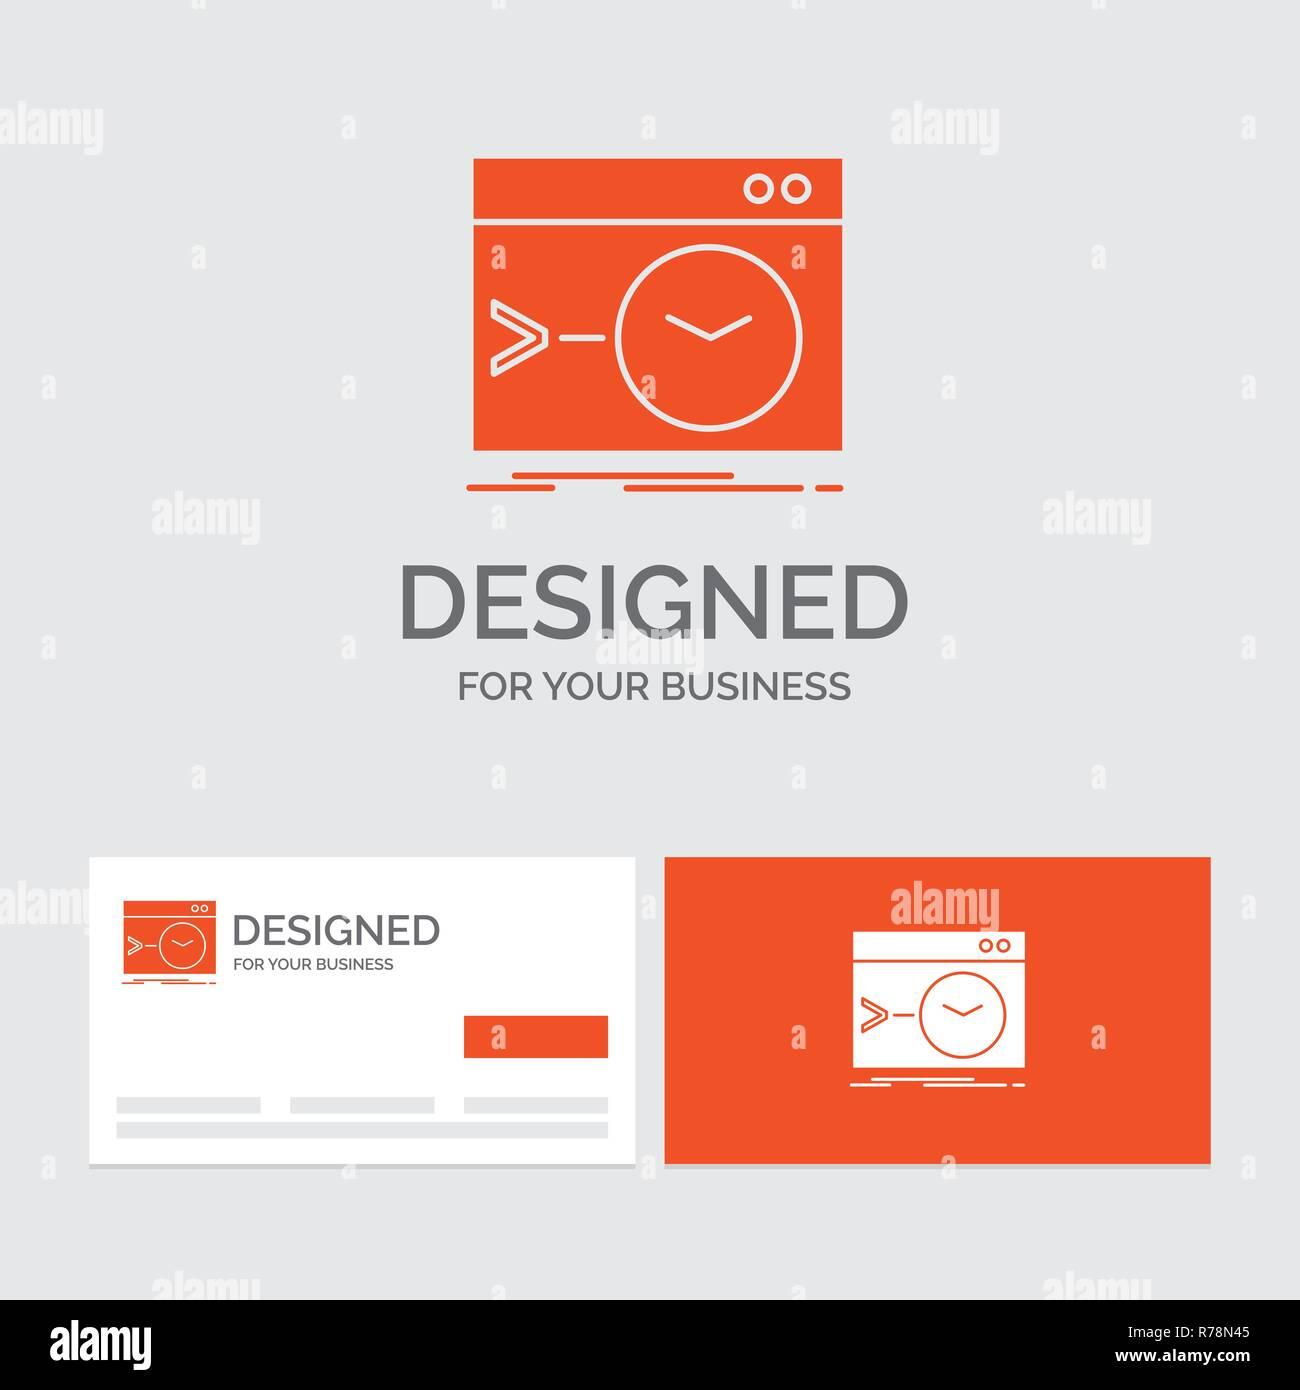 Modele De Logo Dentreprise Pour LAdmin Commande Racine Logiciels Terminal Cartes Visite Orange Avec Marque